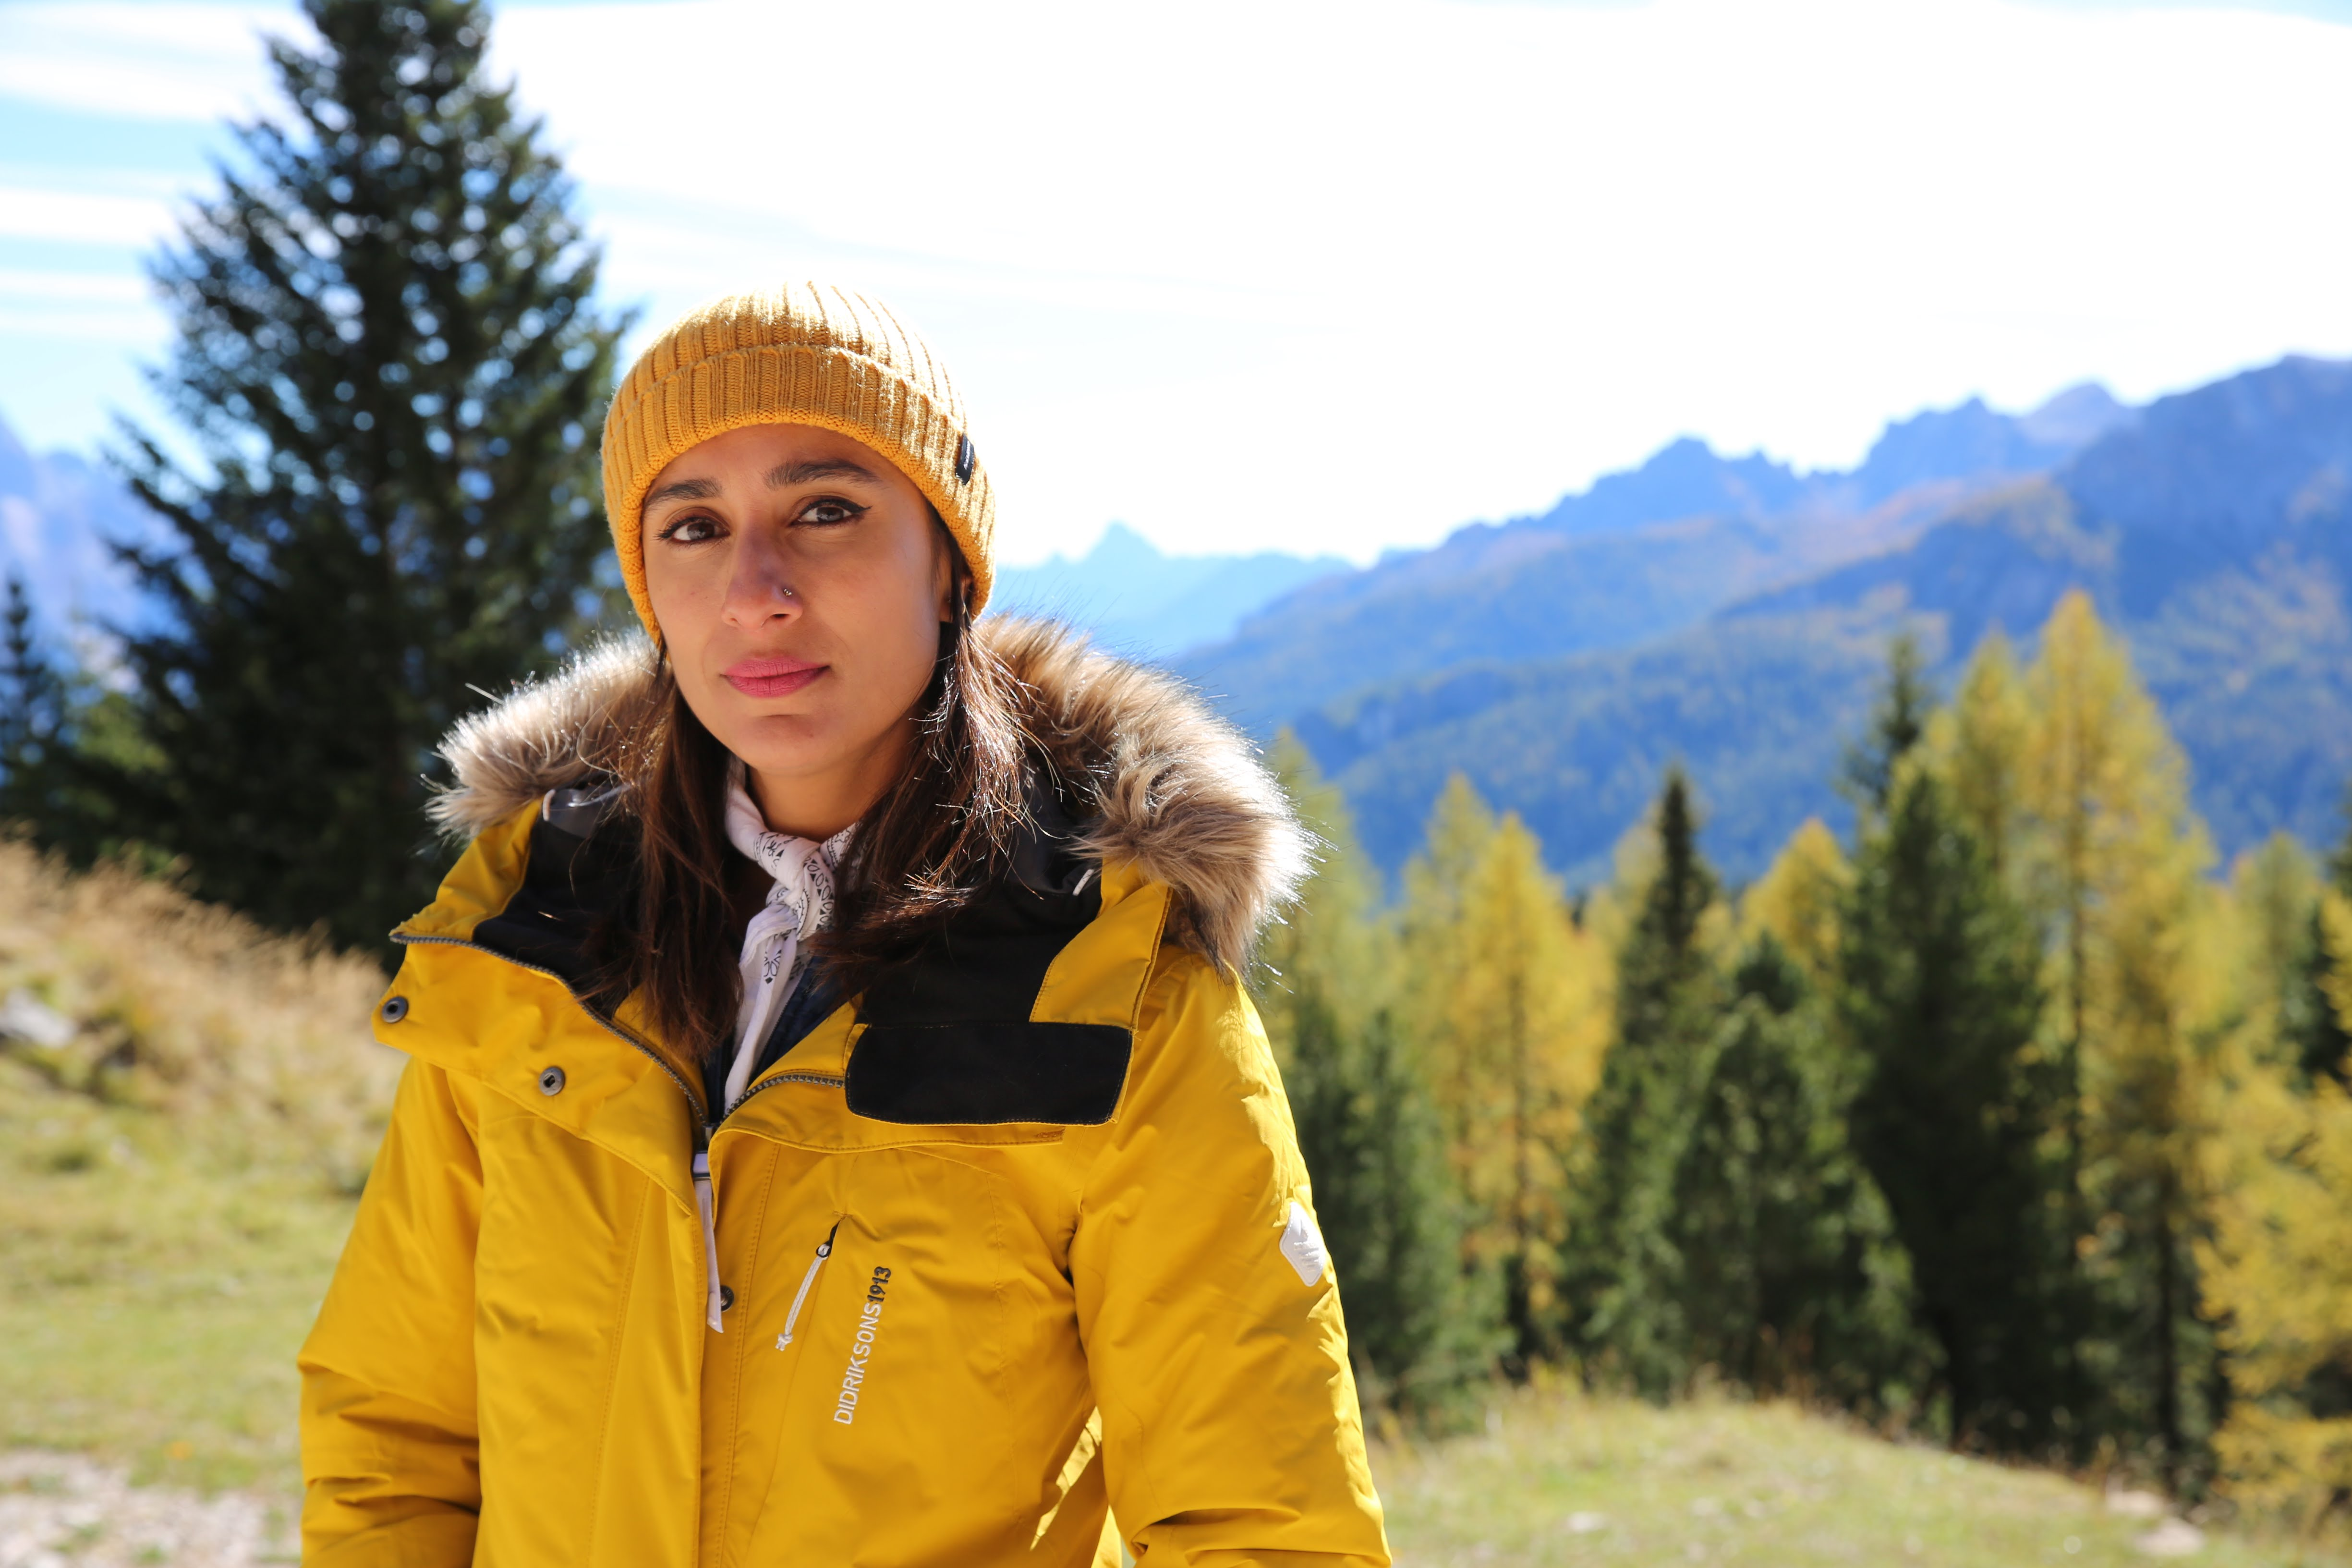 Anita Rani in Italy's Dolomite Mountains